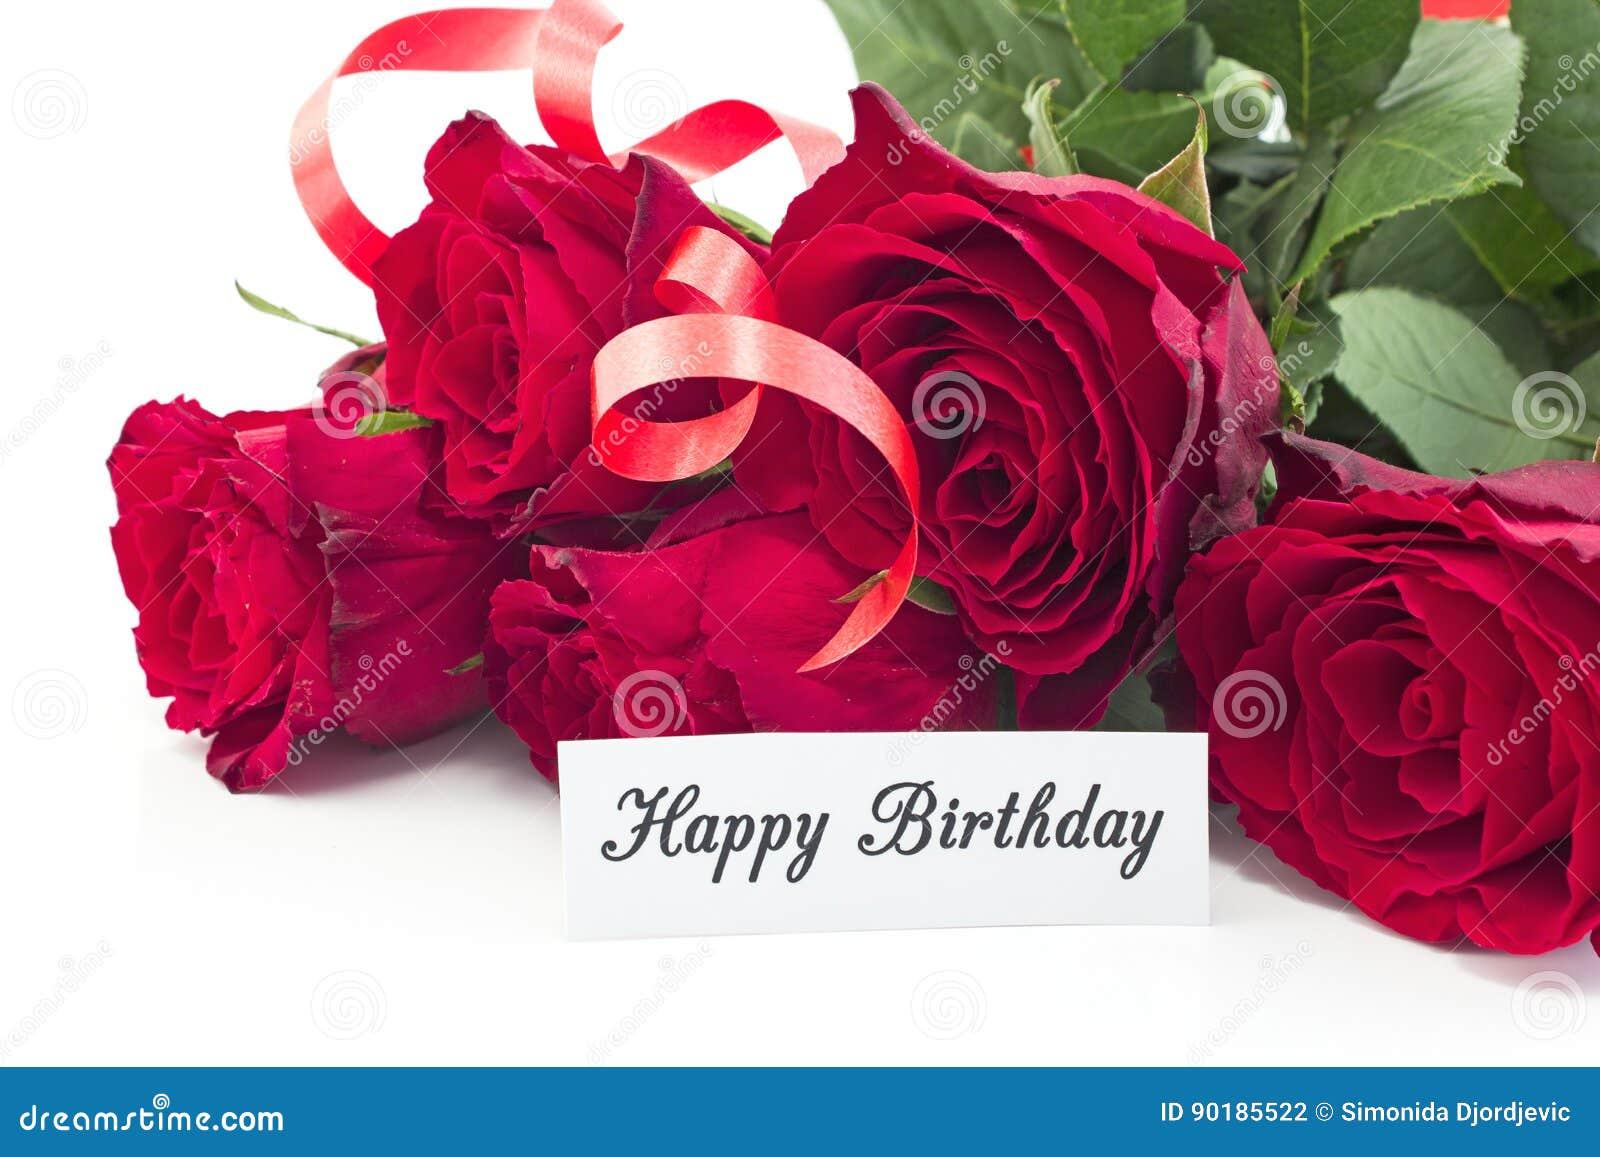 Carte Anniversaire Bouquet De Roses.Carte De Joyeux Anniversaire Avec Le Bouquet Des Roses